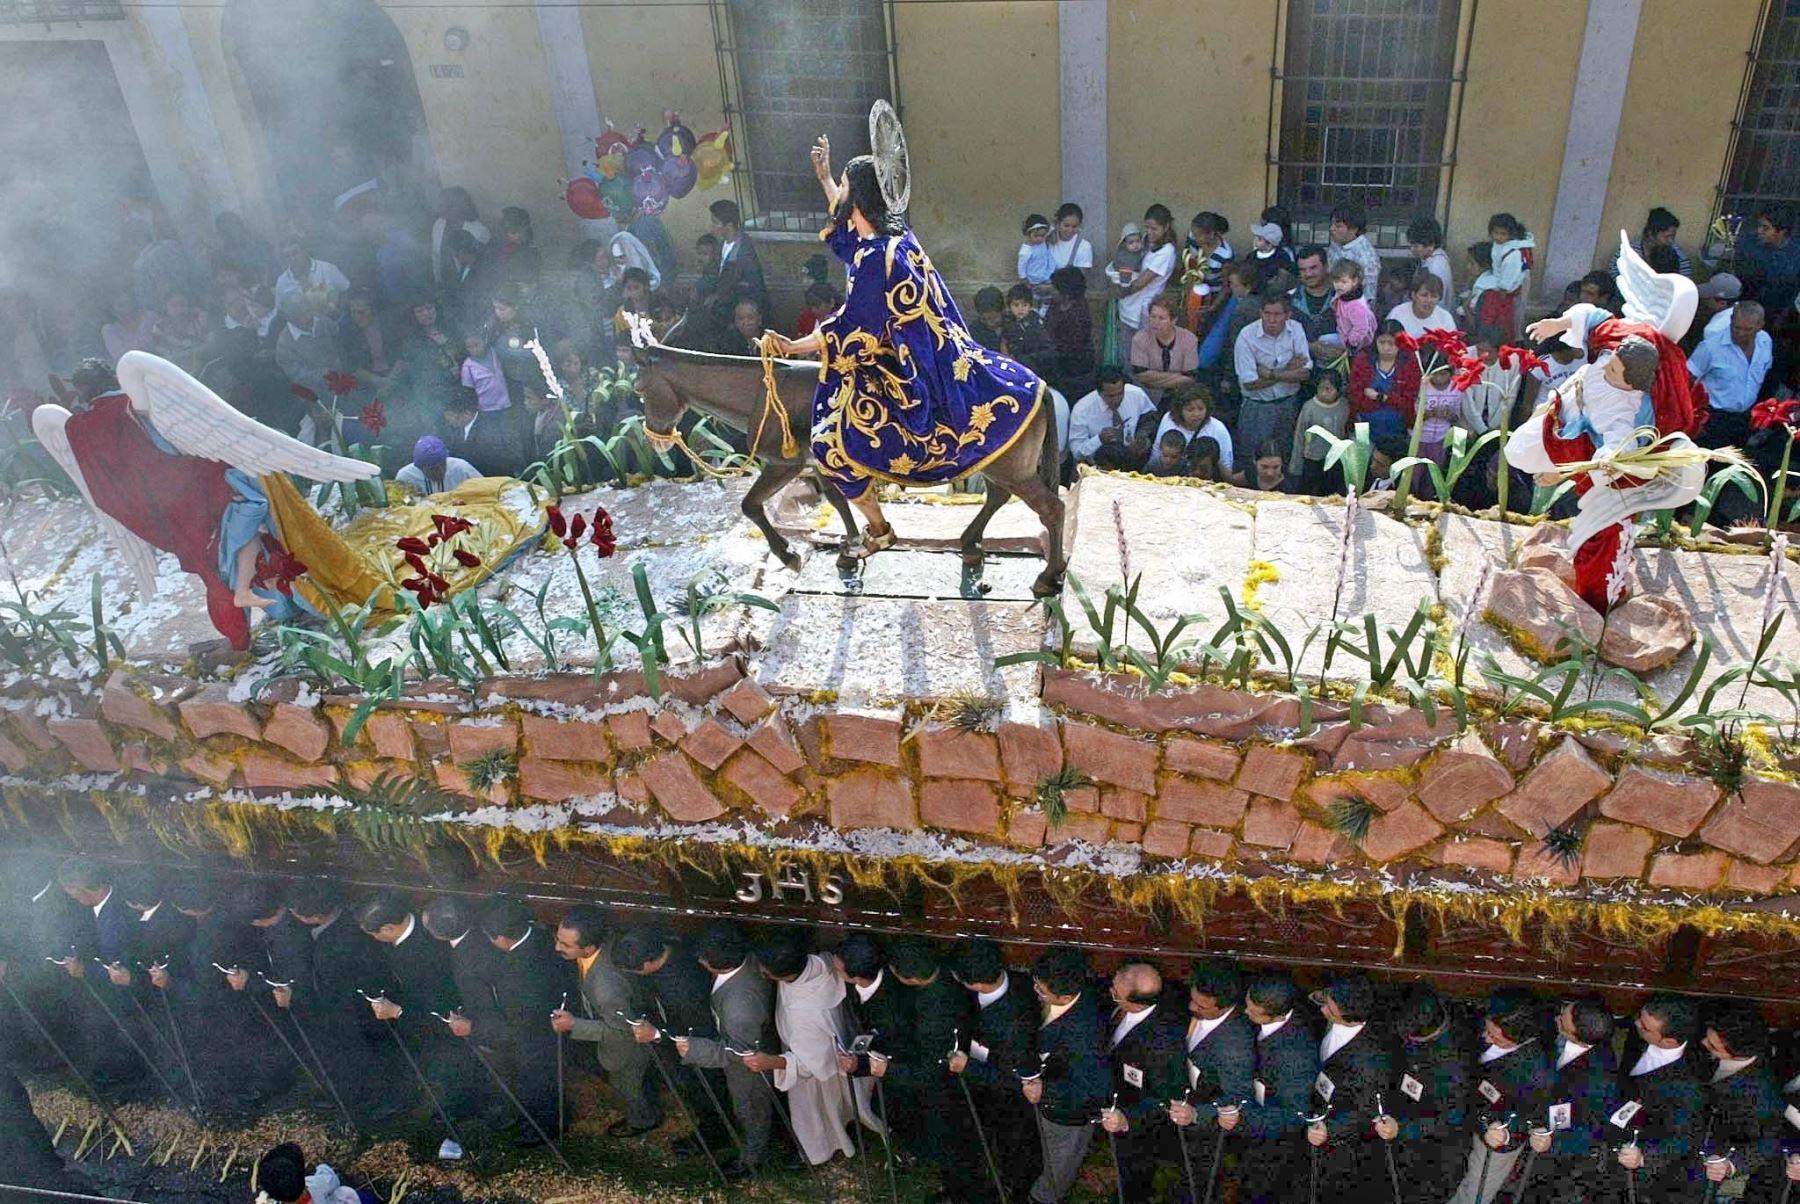 Guatemaltecos participan  en la Ciudad de Guatemala en la Procesión de Jesus de las Palmas, que recuerda la entrada triunfal de Jesús a Jerusalem. Centenares de guatemaltecos participan en la procesión que marca el inicio de la Semana Santa. Foto:AFP